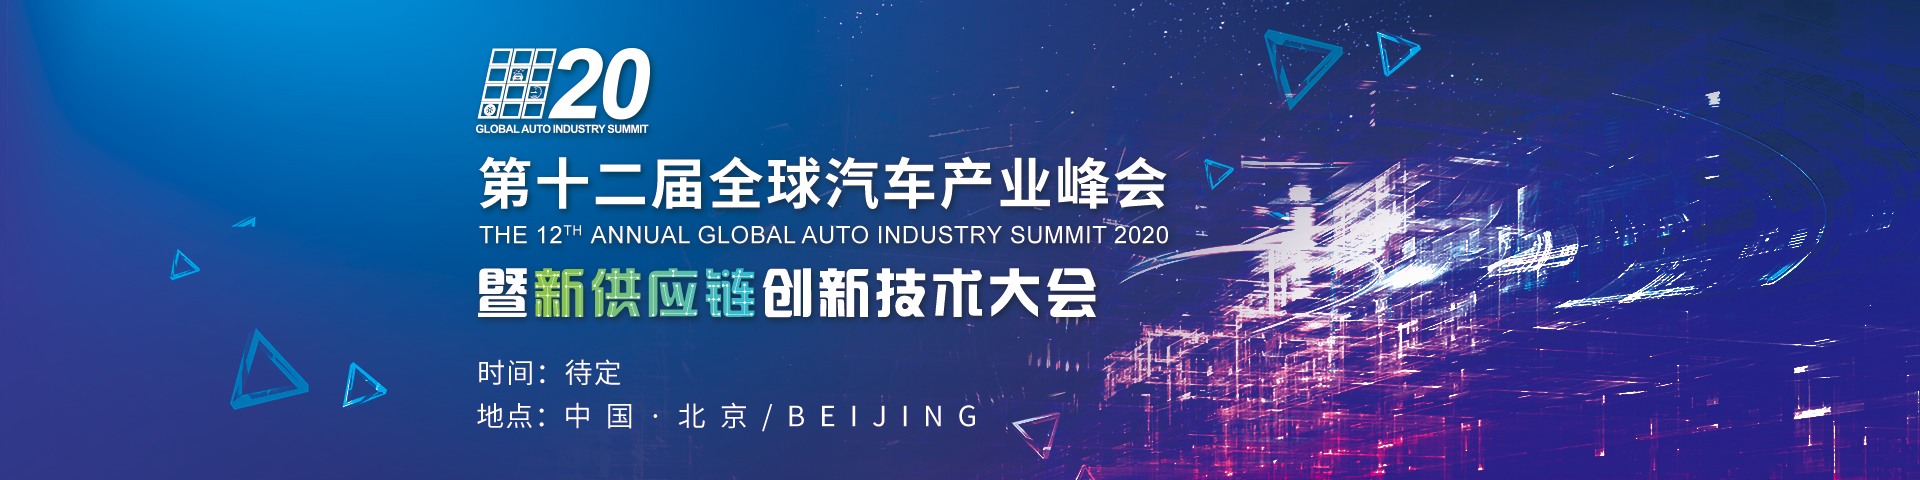 第十二届全球汽车产业峰会暨新供应链创新技术大会